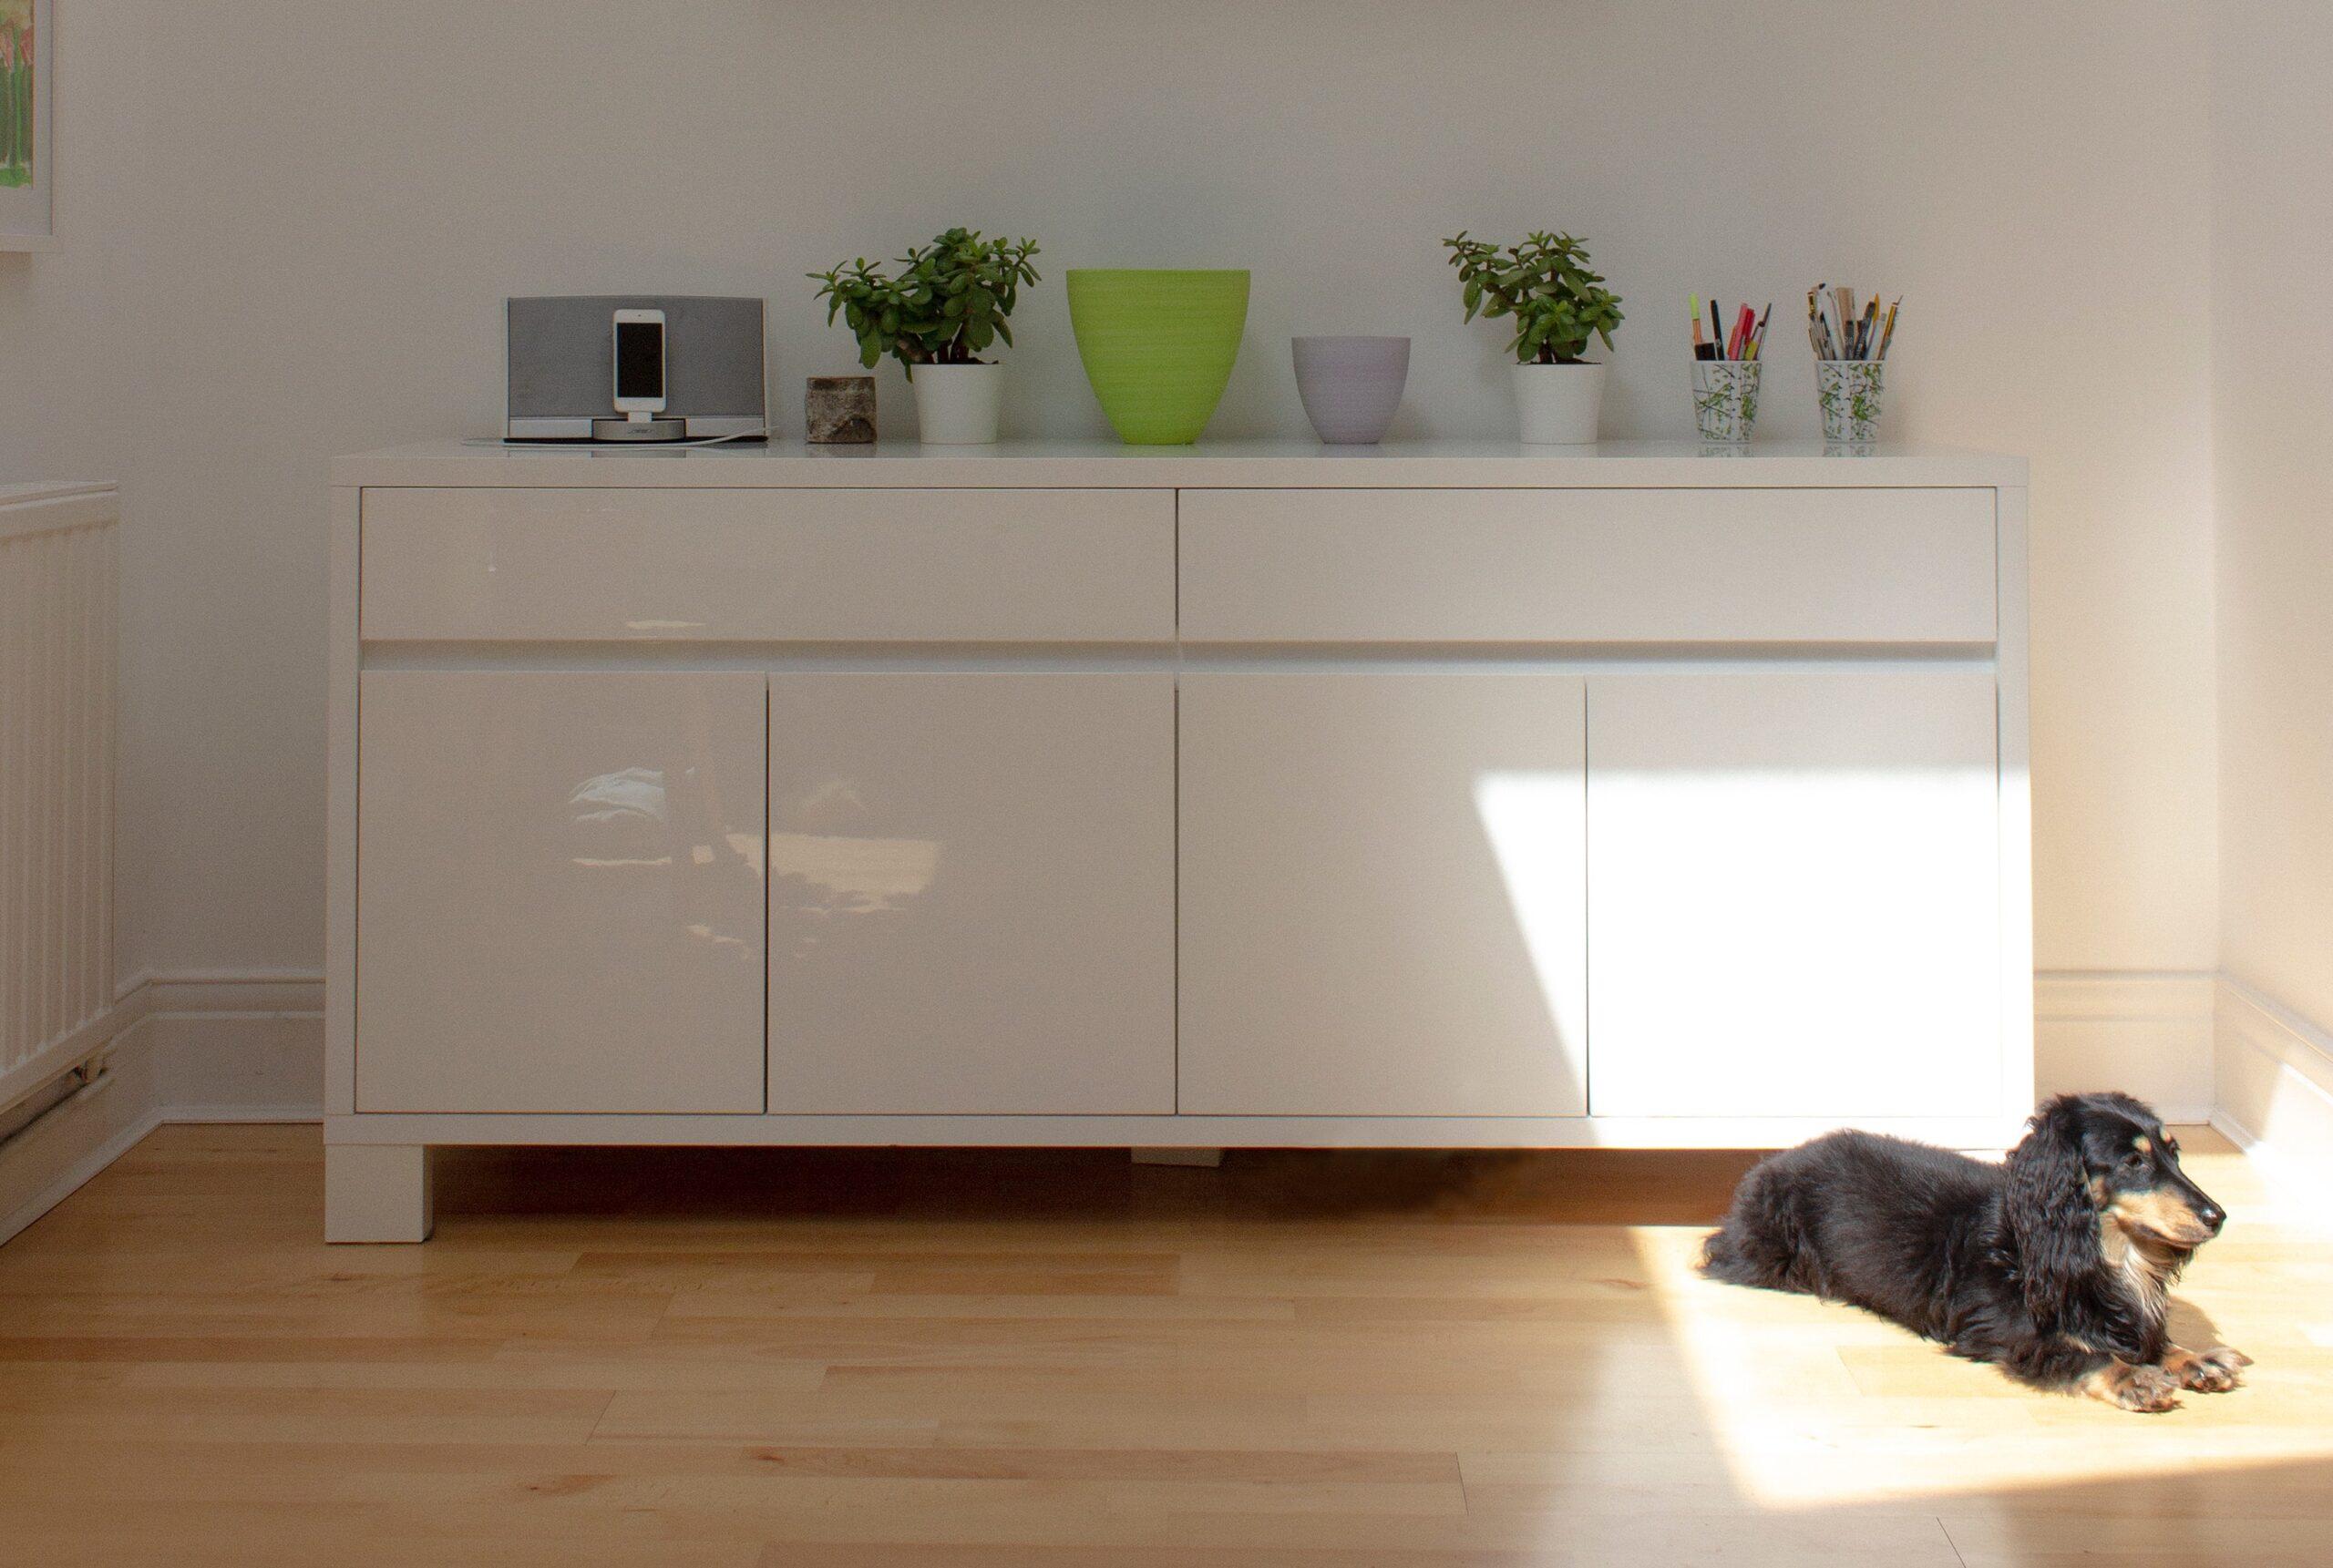 laminált padló és kutya a napfényben